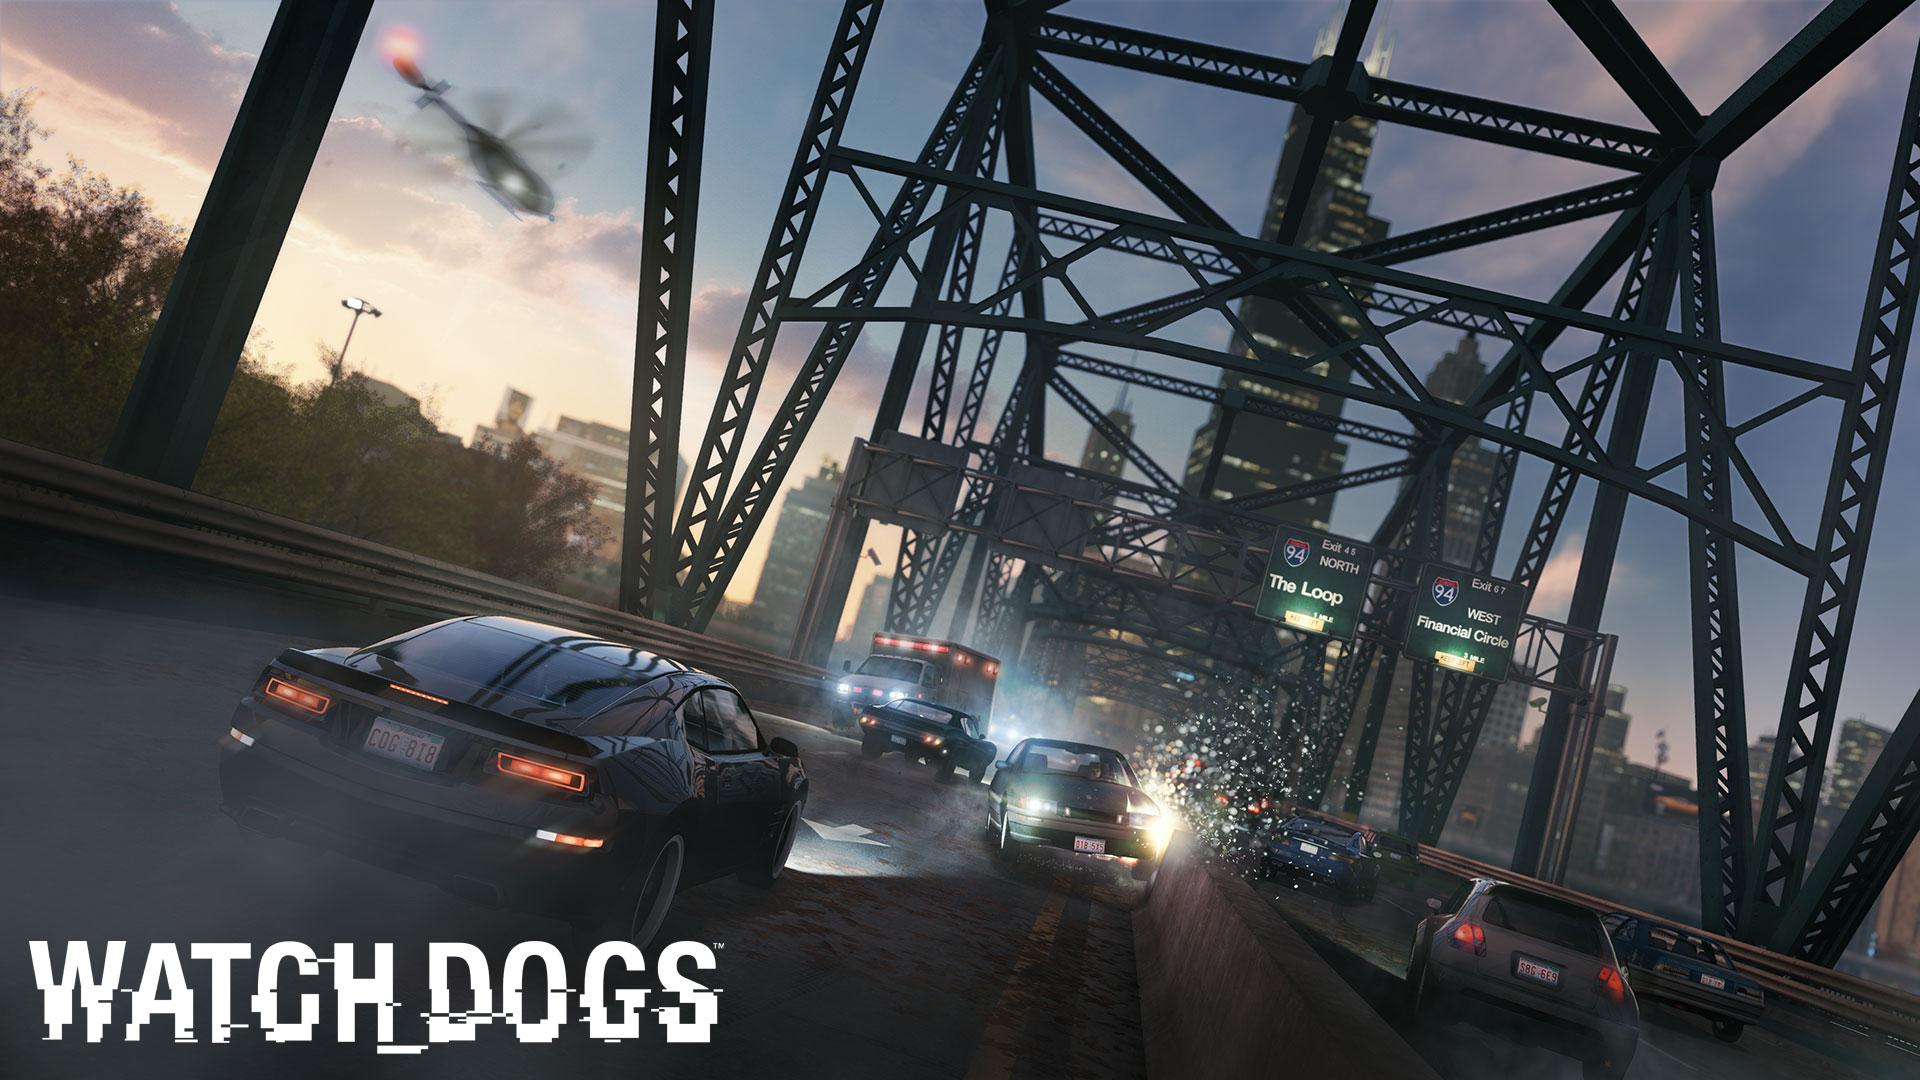 watch dogs wallpaper 1 1 یک اسکرین شات جدید از عنوان Watch Dogs منتشر شد;مواظب رانندگی خود باشید !